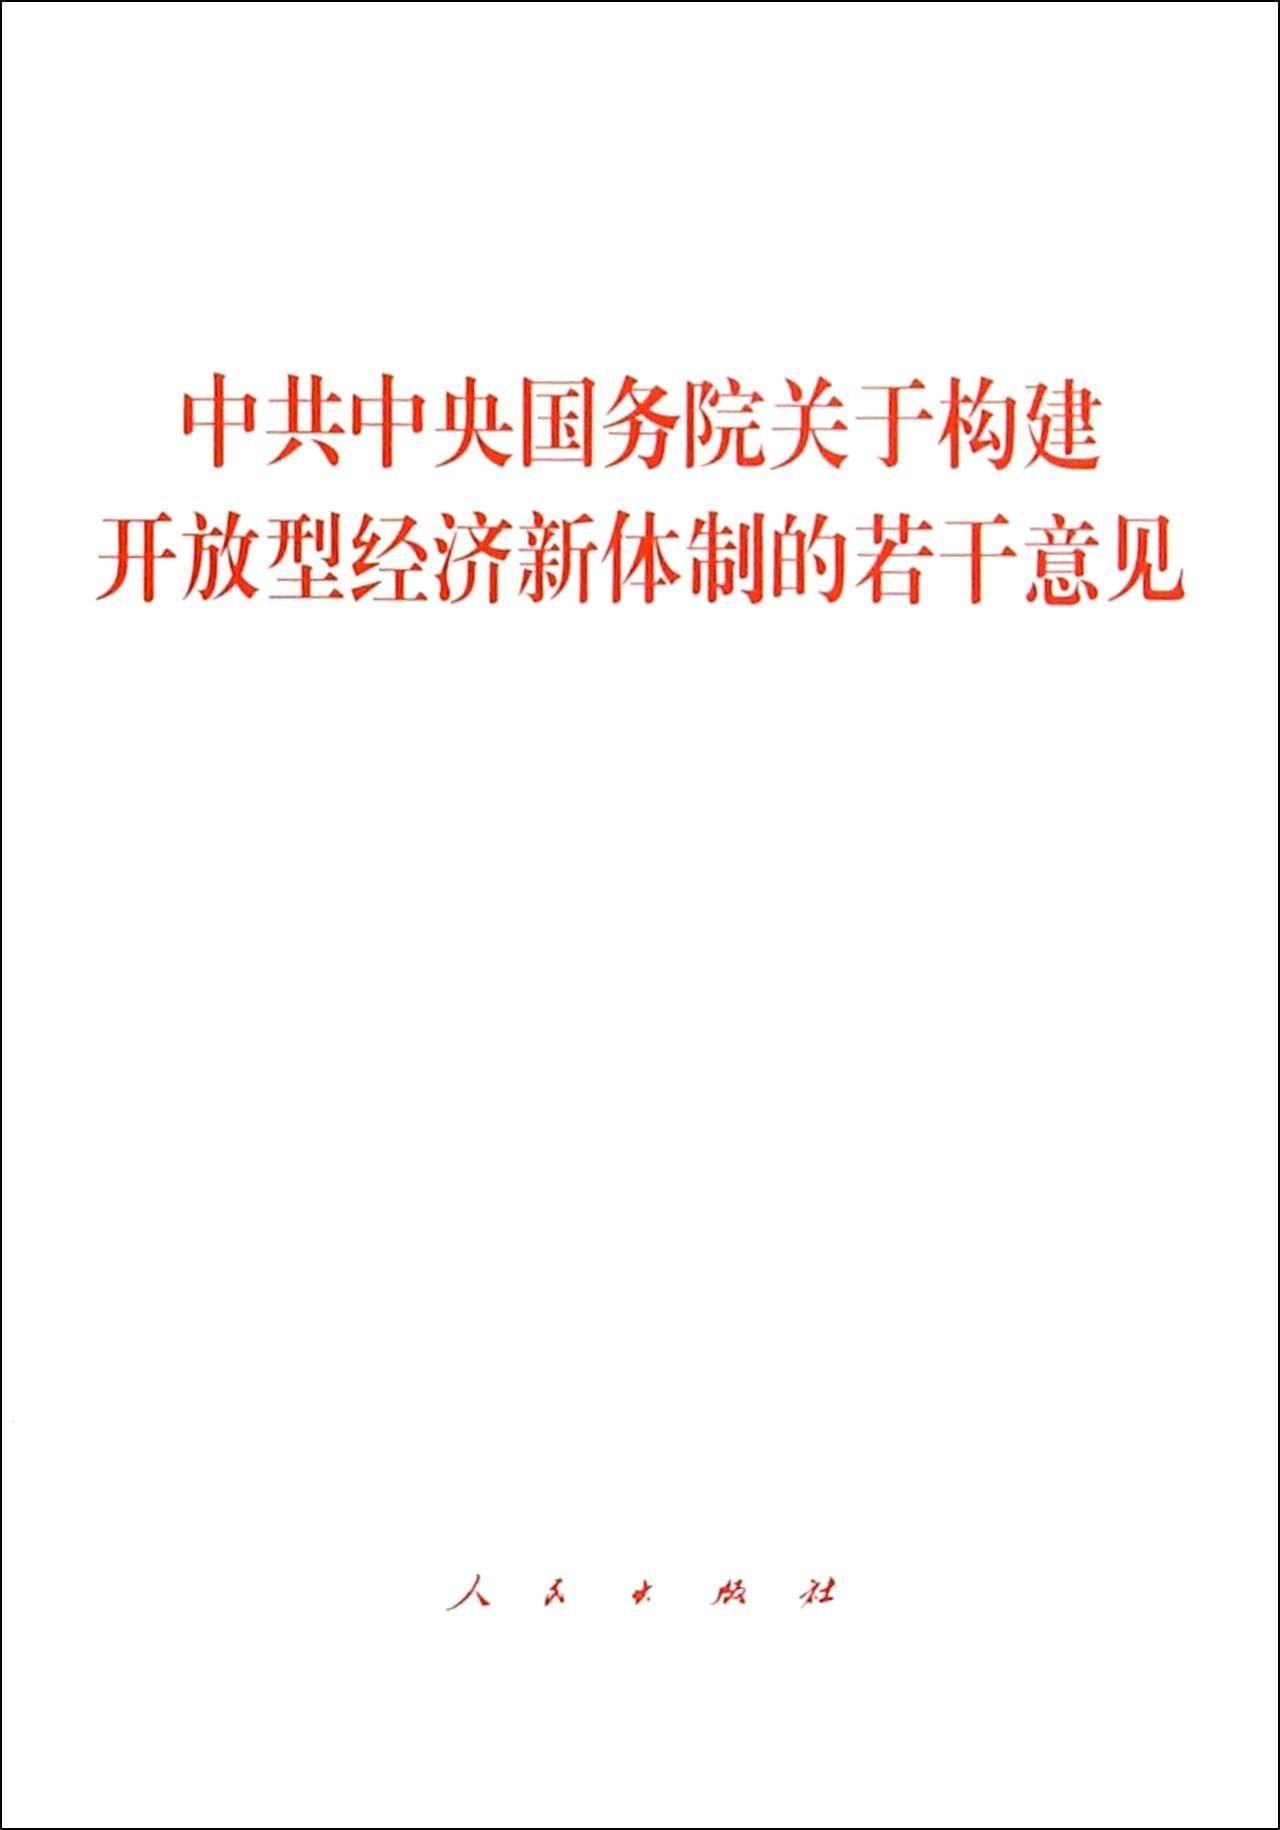 中共中央国务院关于构建开放型经济新体制的若干意见 ebook